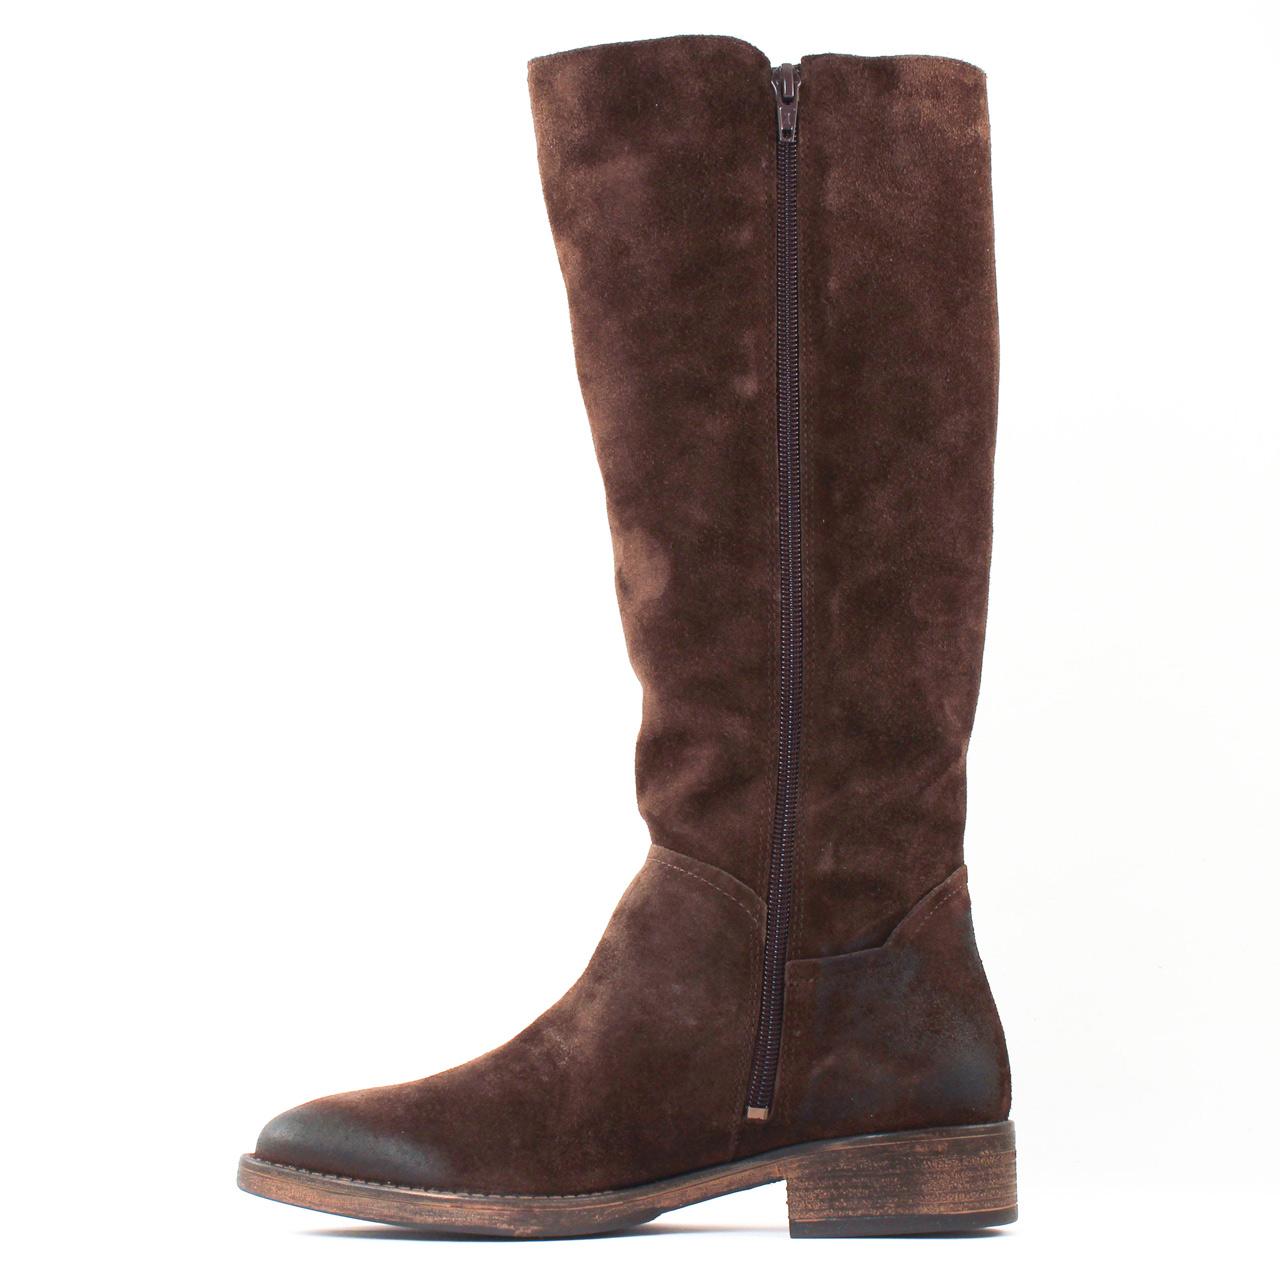 tamaris 25539 mocca bottes marron automne hiver chez trois par 3. Black Bedroom Furniture Sets. Home Design Ideas